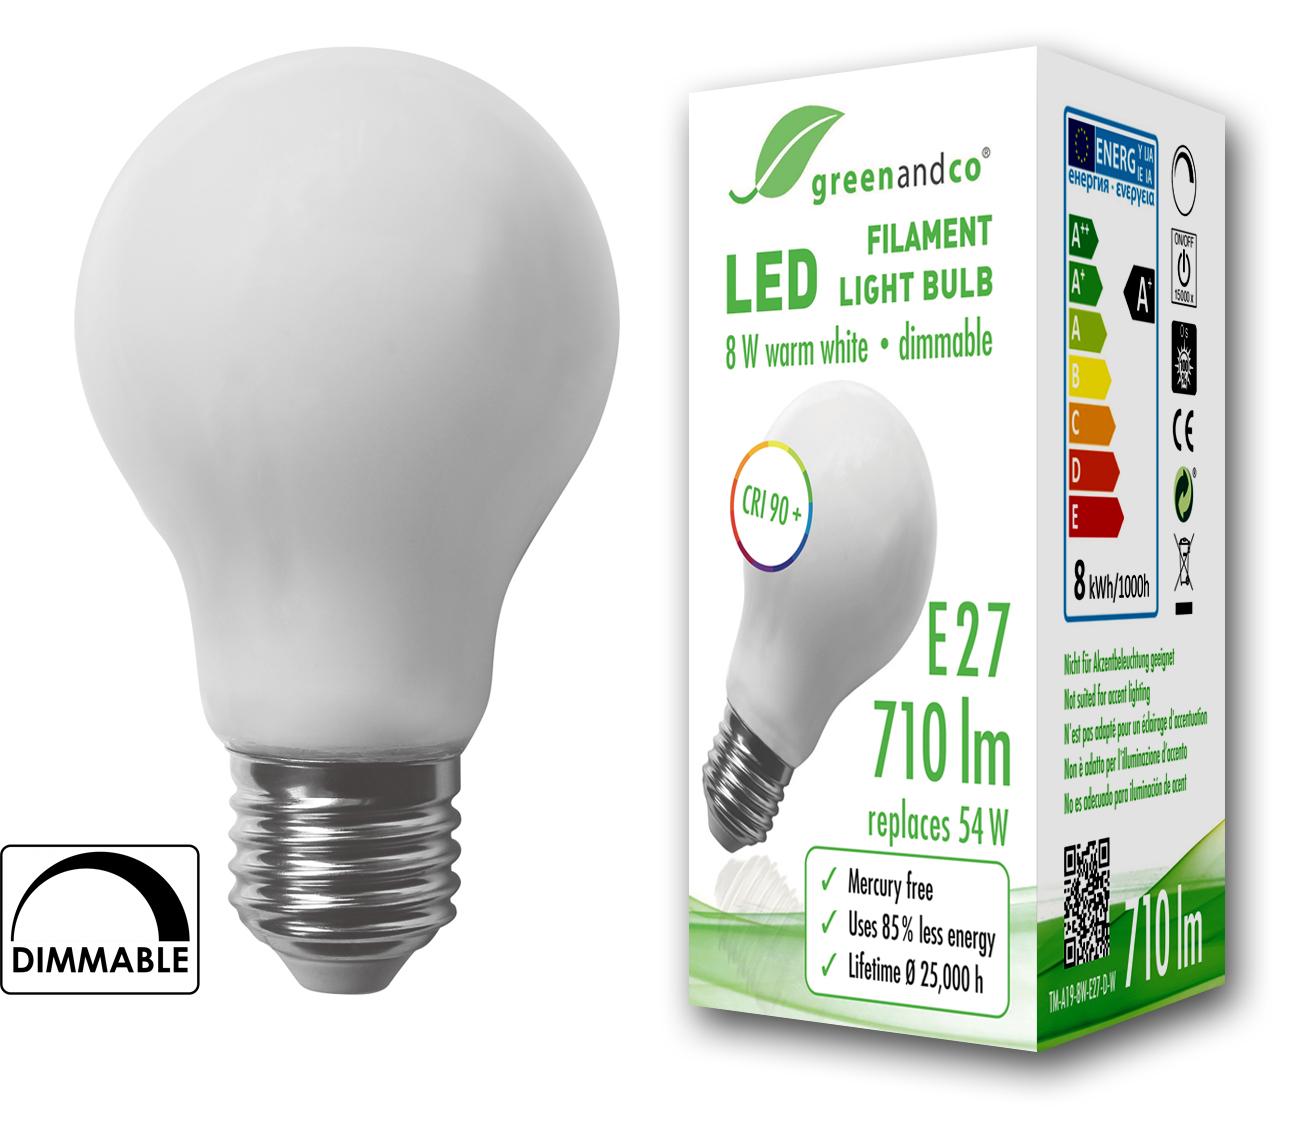 Hochwertig LED Lampe Dimmbar Ersetzt 70W E27 Matt 8W 1000lm 2700K Warmweiß 360° 230V 2  Jahre Garantie